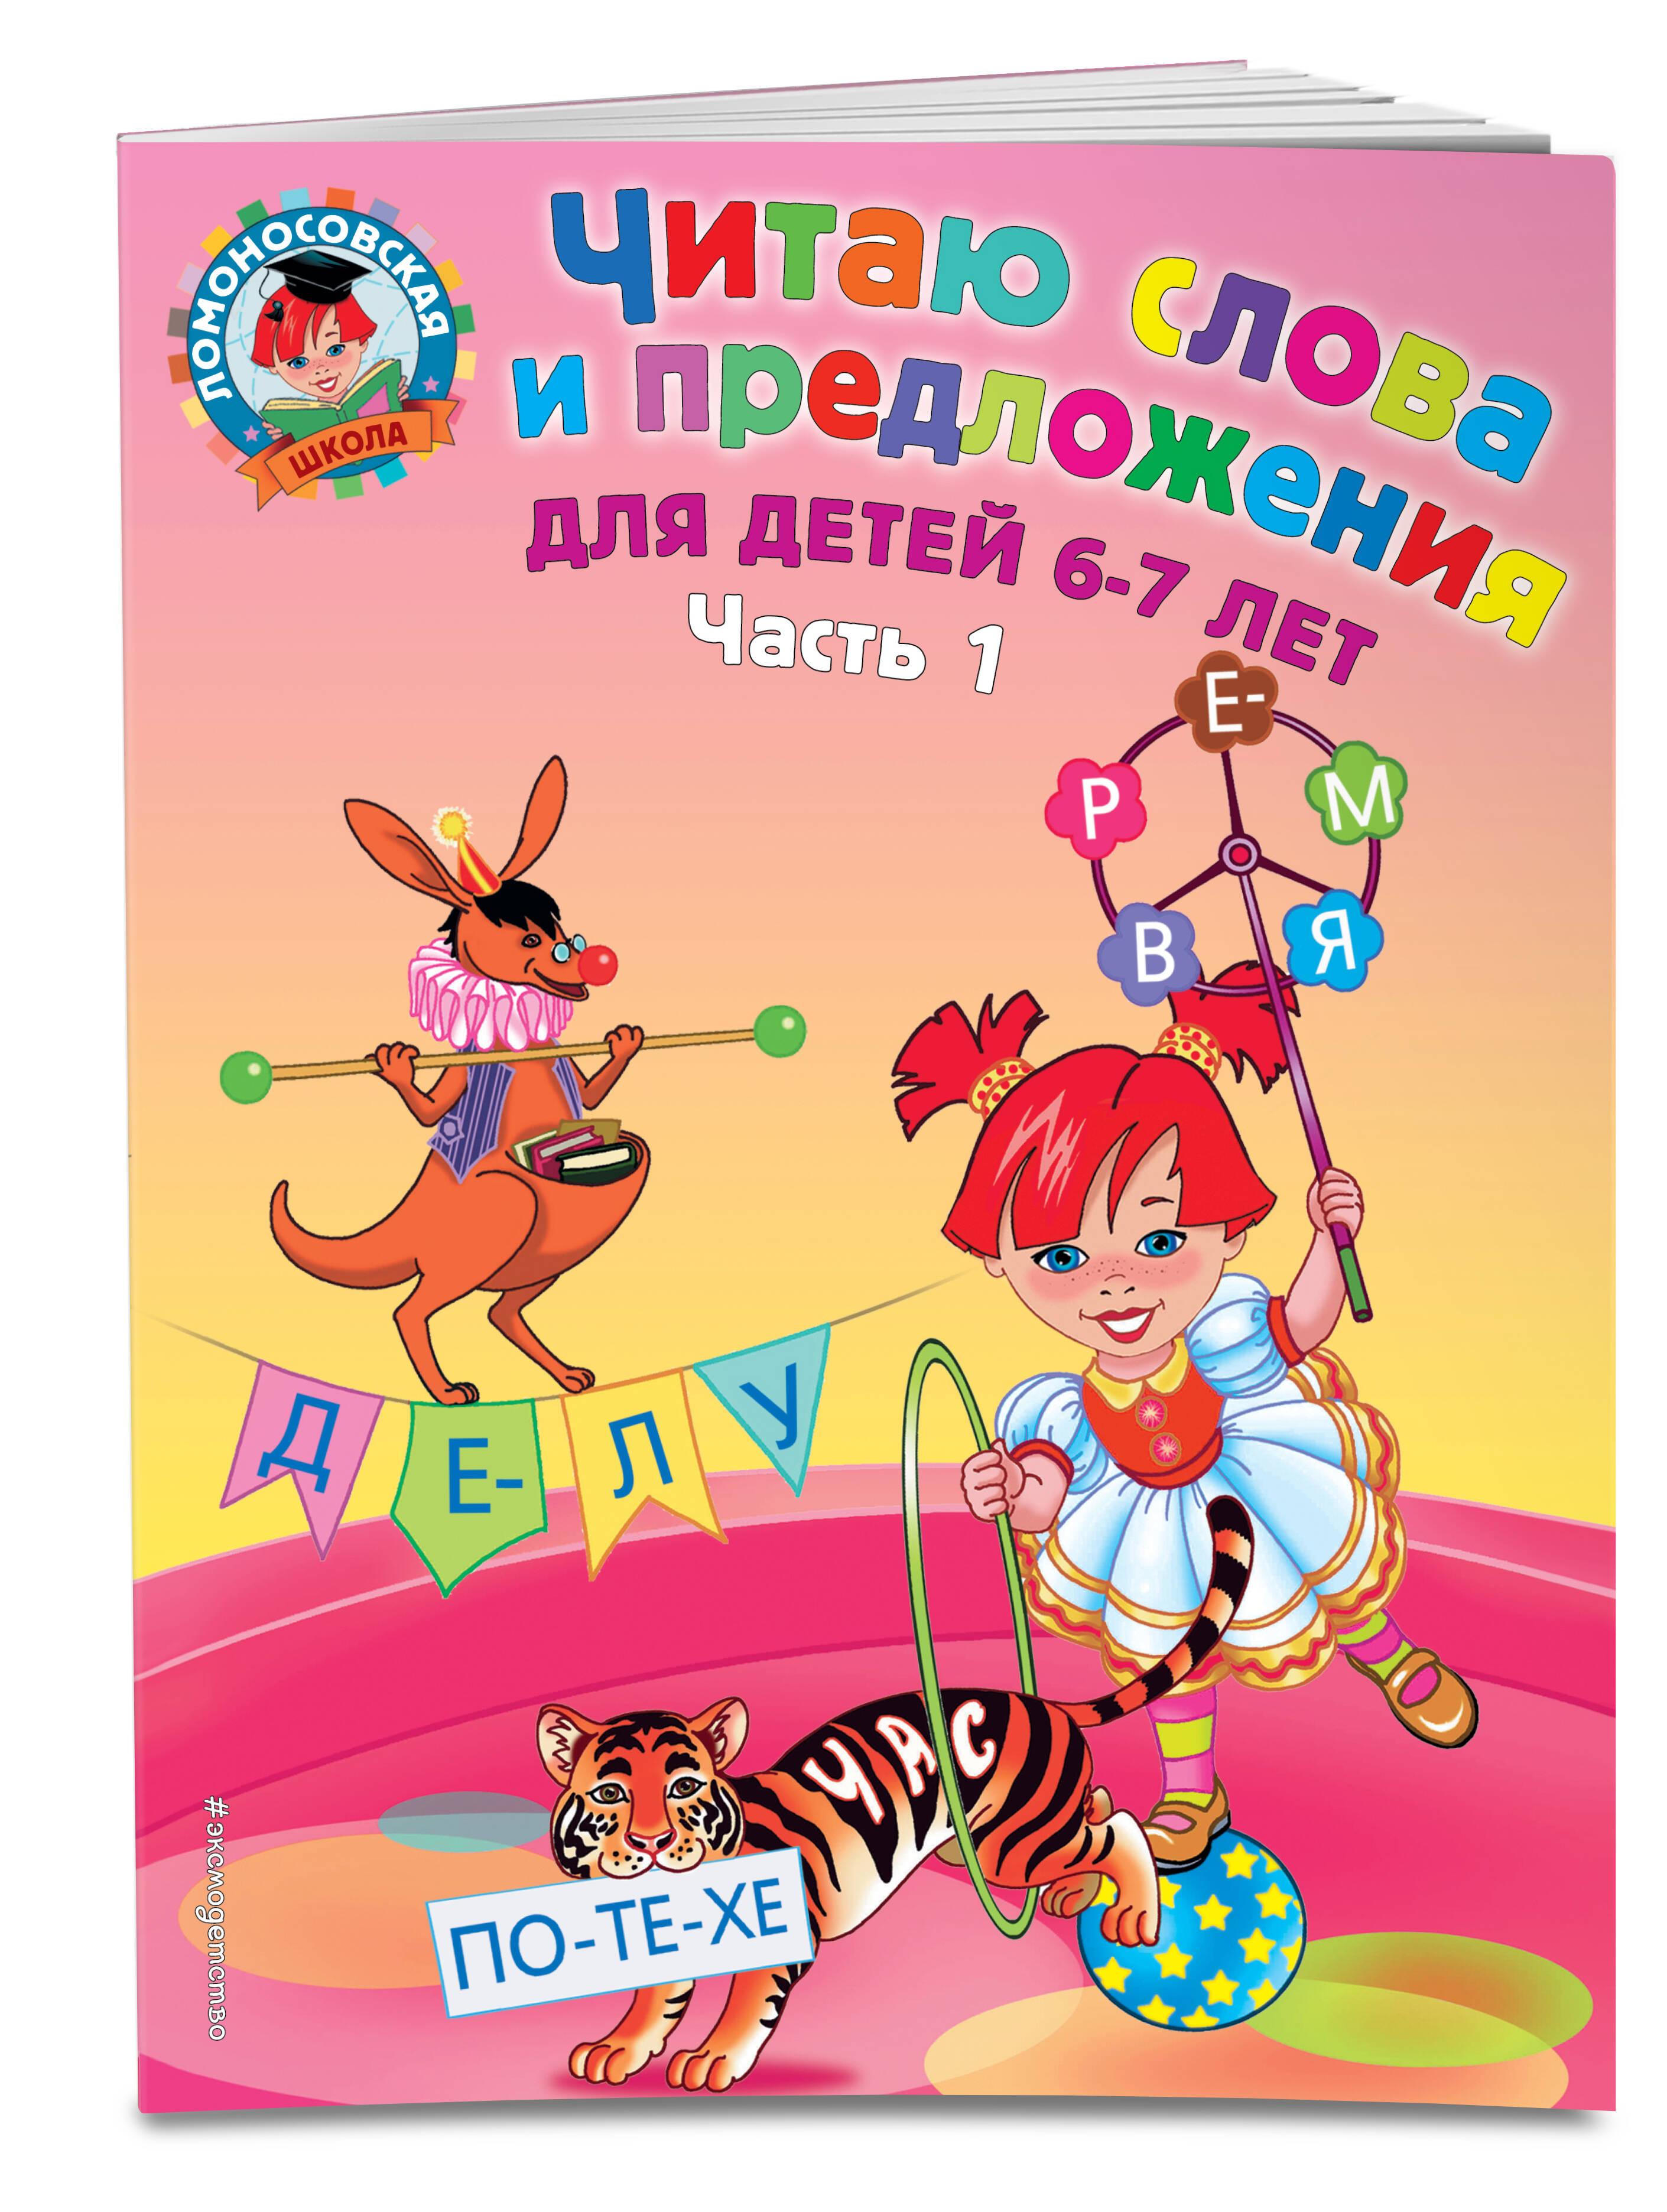 Пятак С.В. Читаю слова и предложения: для детей 6-7 лет. Ч. 1. 2-е изд., испр. и перераб.